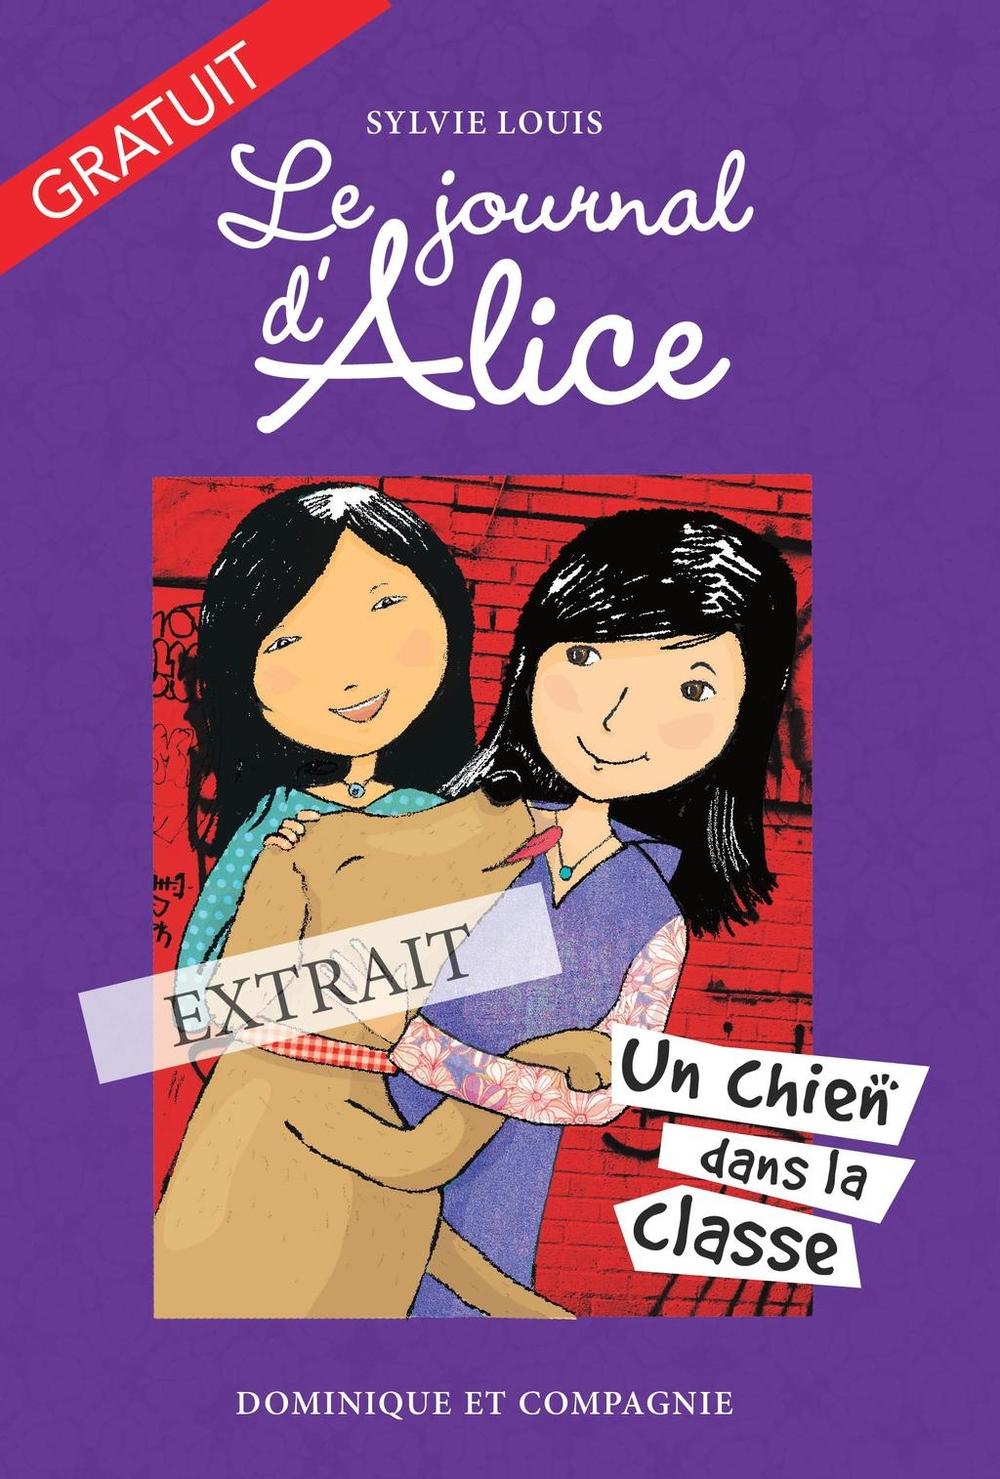 Extrait - Le journal d'Alice (tome 10)